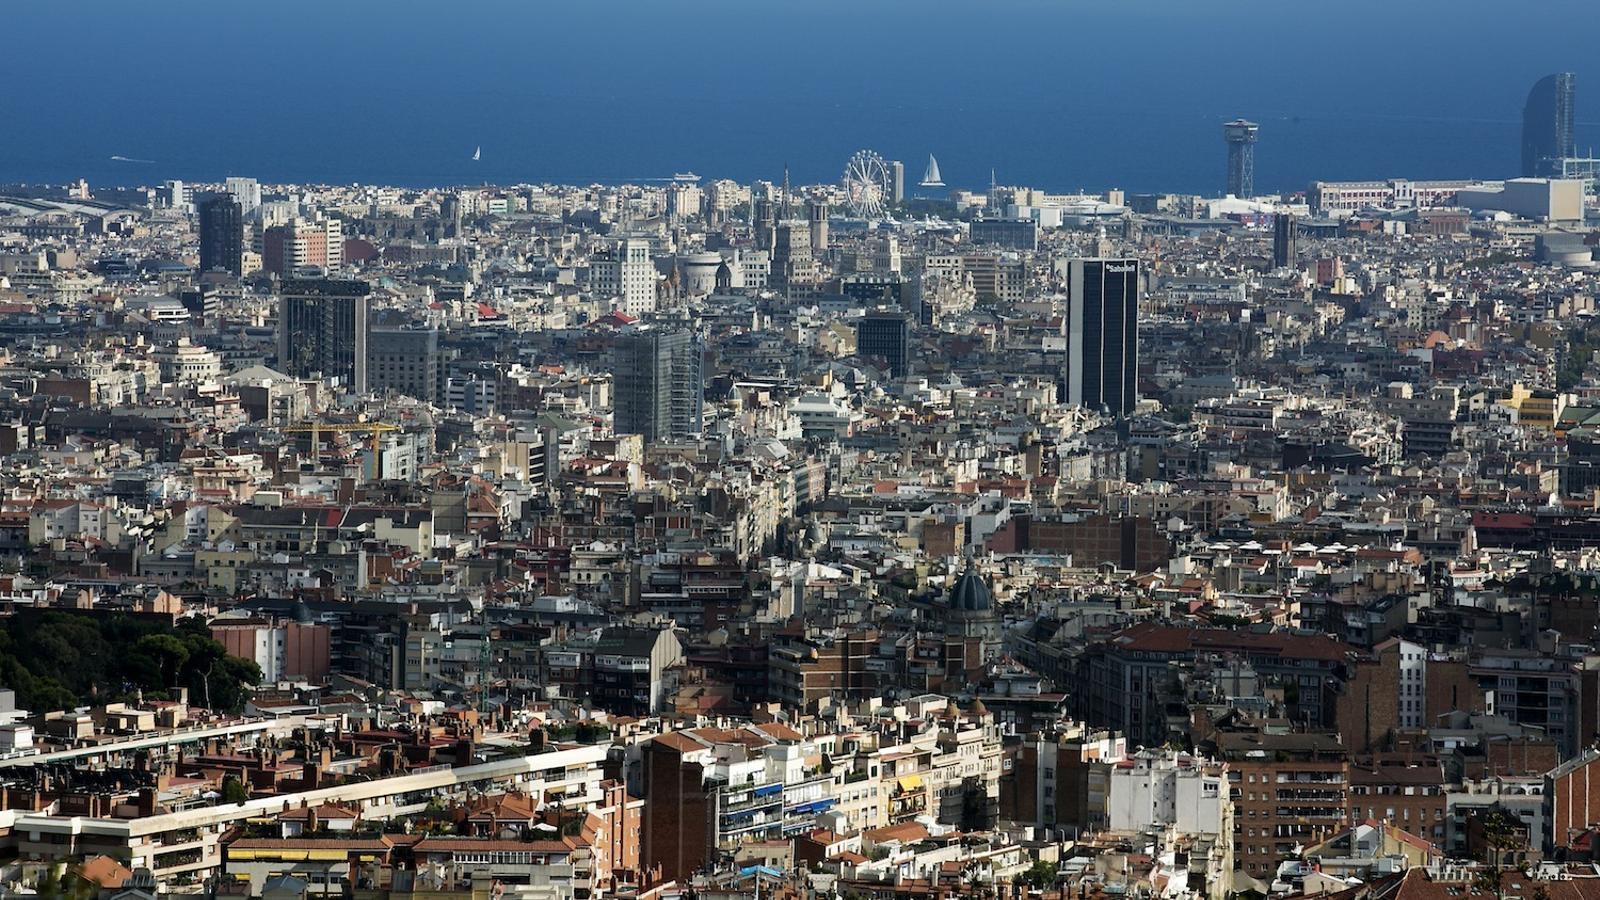 Panoràmica de la ciutat de Barcelona. FRANCESC MELCION